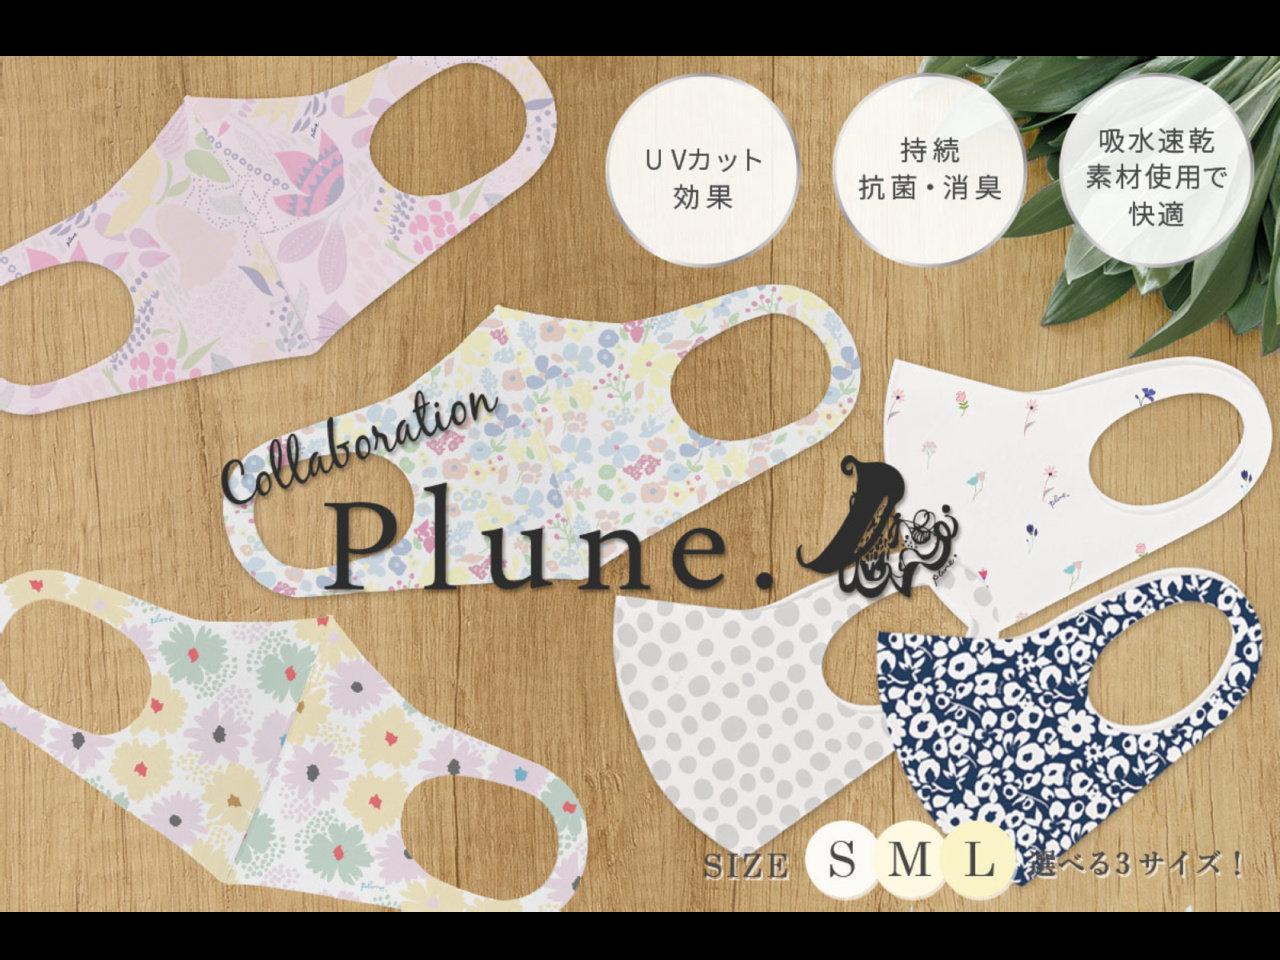 1枚980円。テキスタイルブランド『Plune』のデザインマスク登場です。